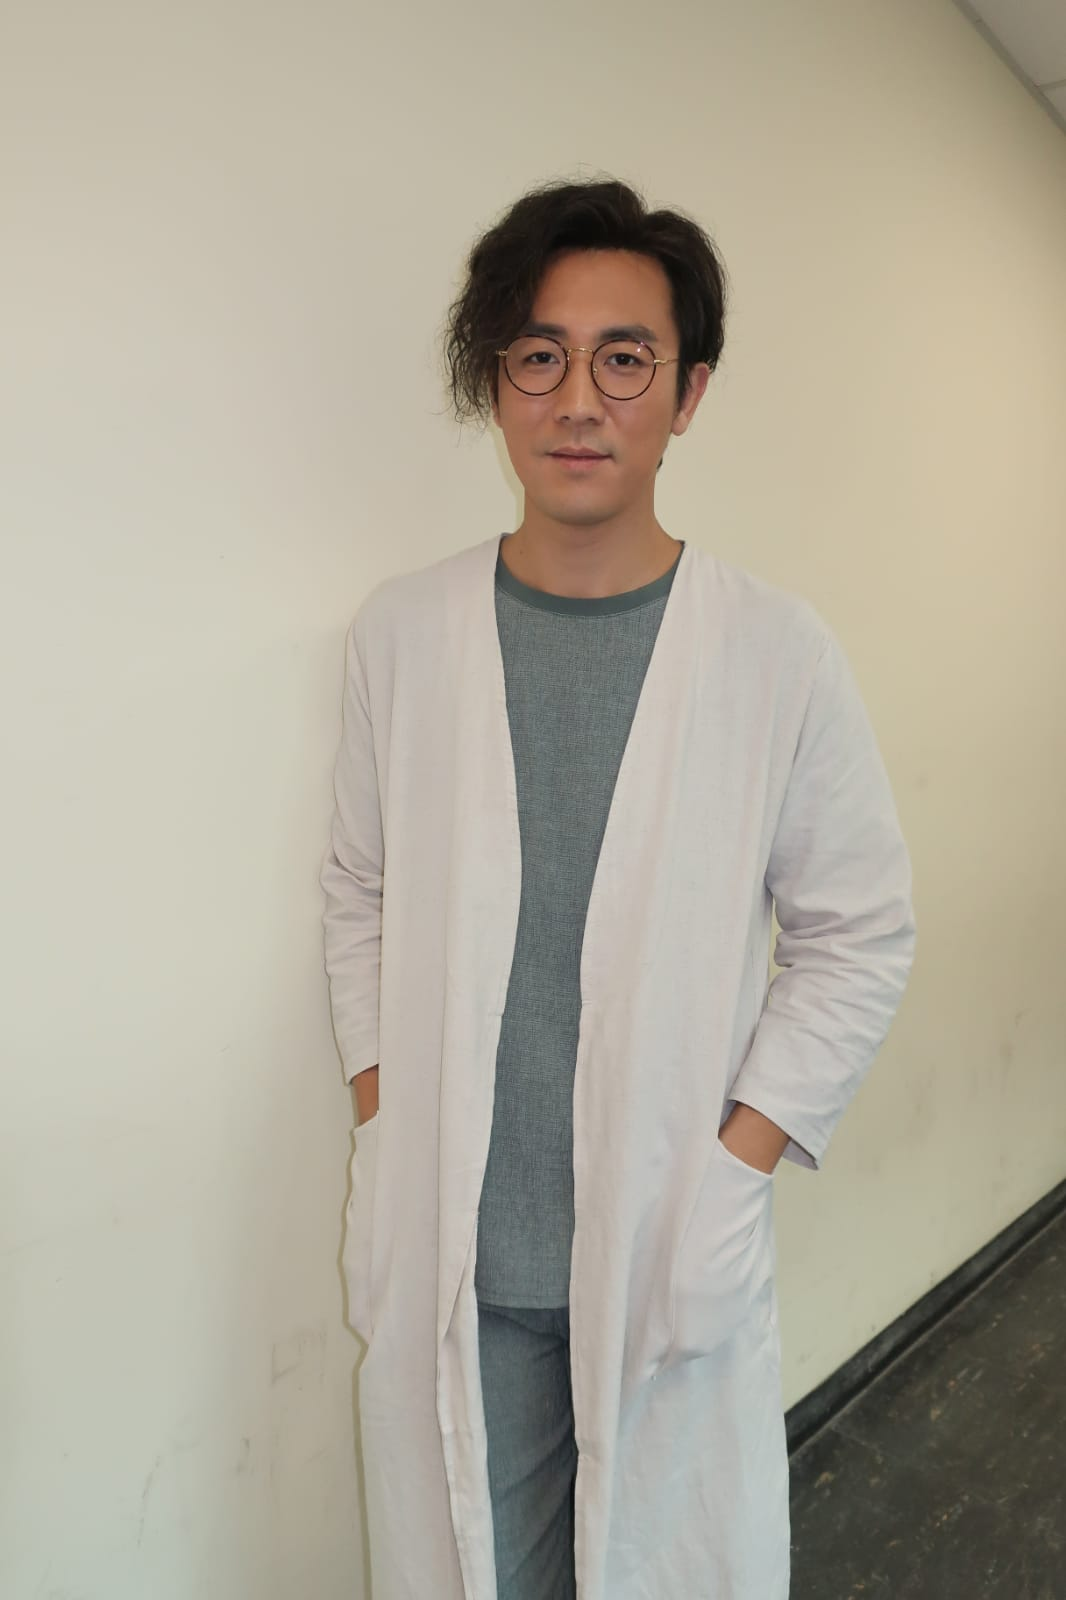 譚俊彥話拍《憶24小時》拍得好舒服。